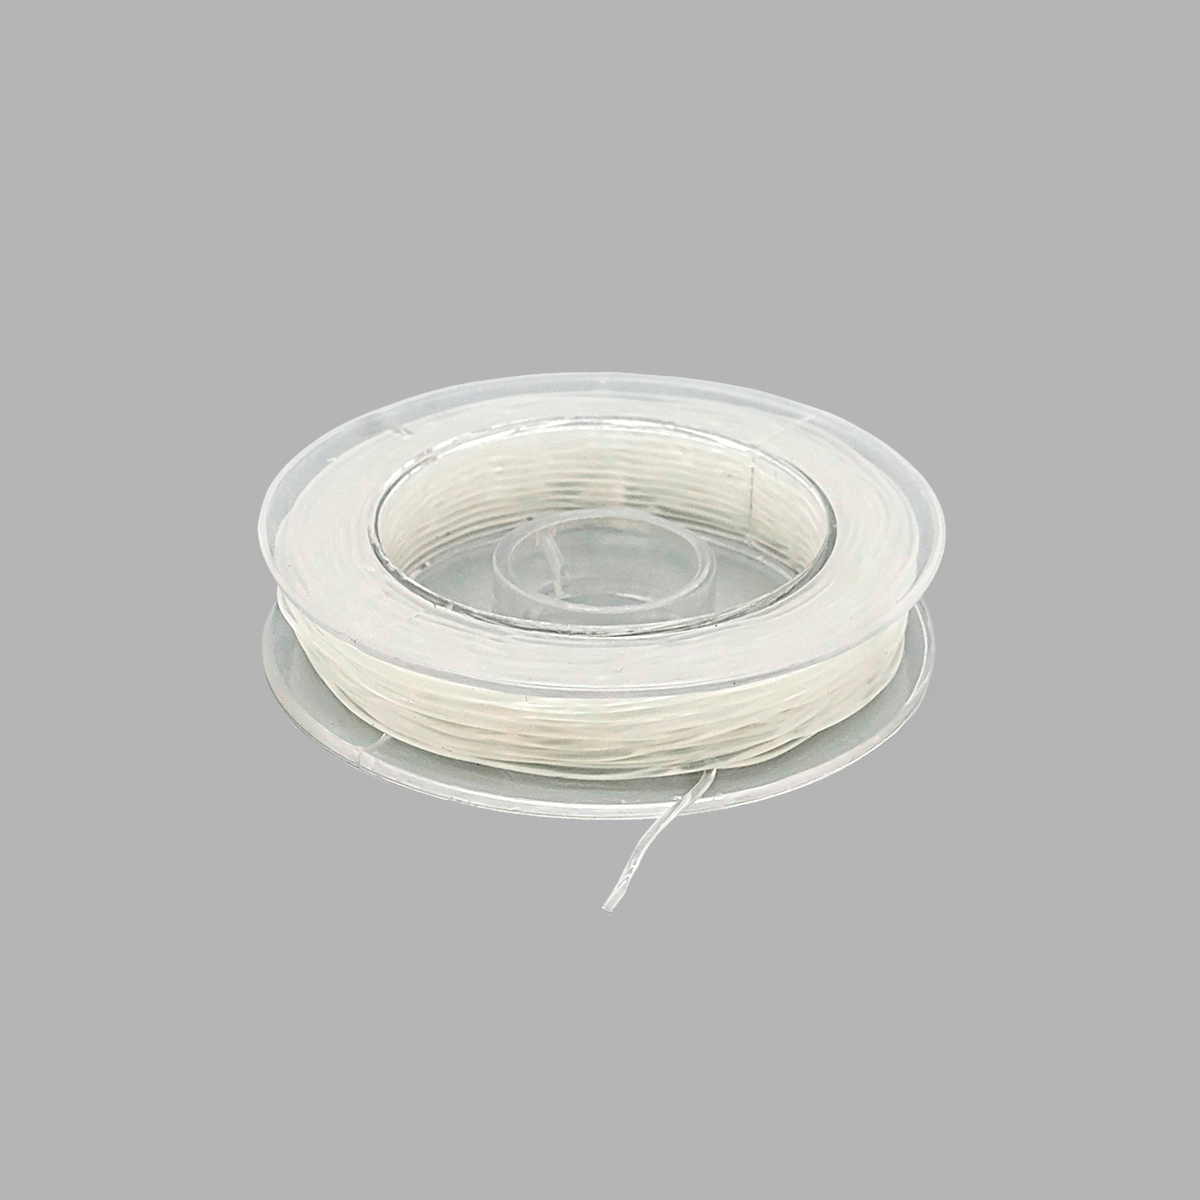 Набор жемчужных бусин 10мм, 6 цветов + силиконовая нить, 150 шт/банка, Астра